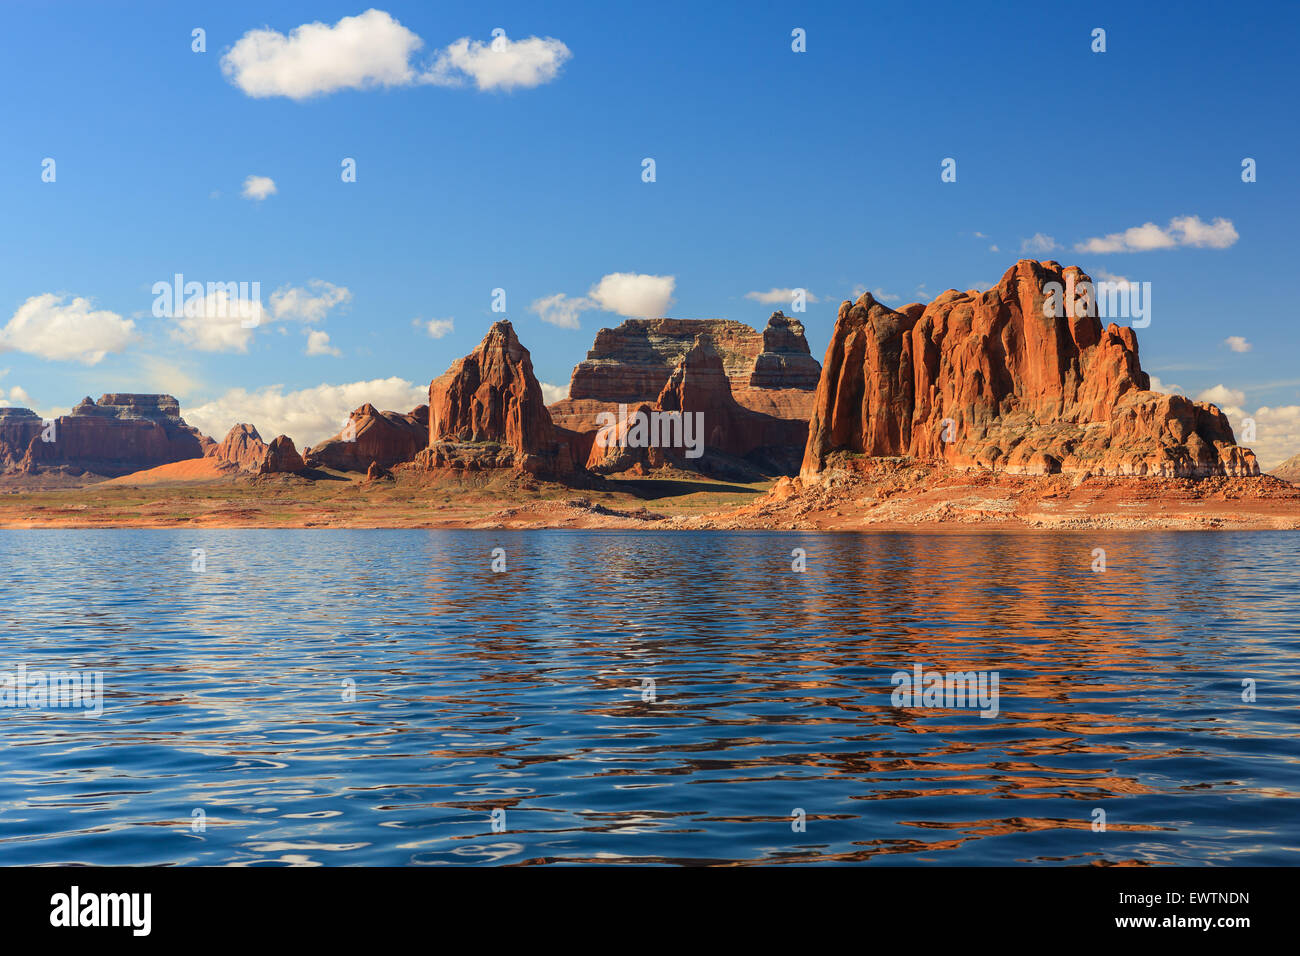 Canyon walls on Lake Powell on the border of Arizona and Utah, USA - Stock Image